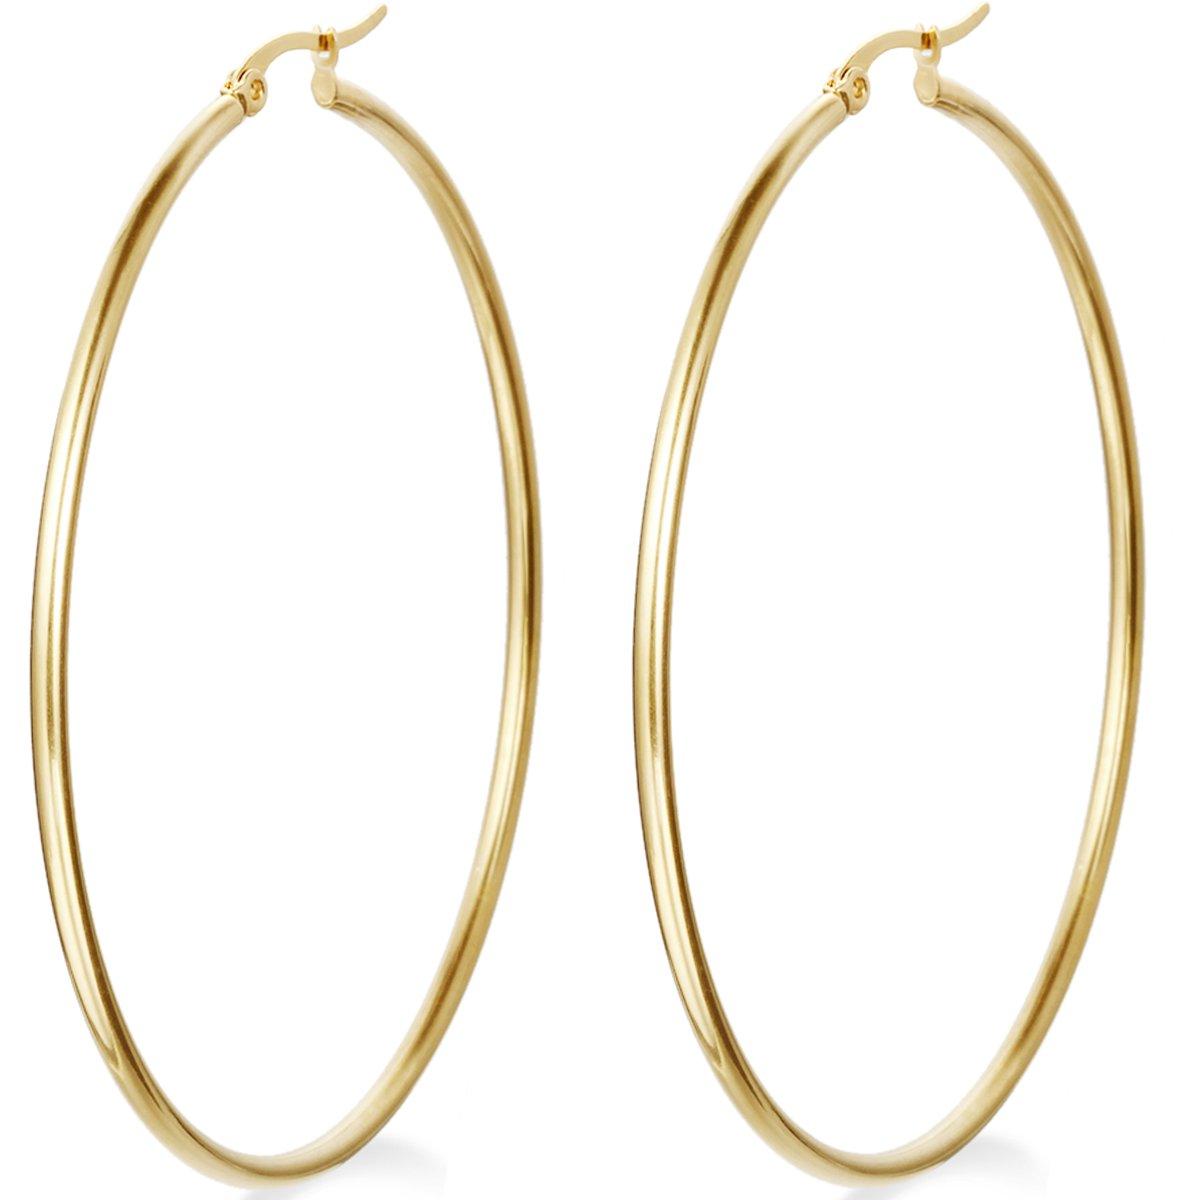 Flongo Women's Stainless Steel Gold Big Large Round Plain Anti-allergy Hoop Loop Earrings FLG05329